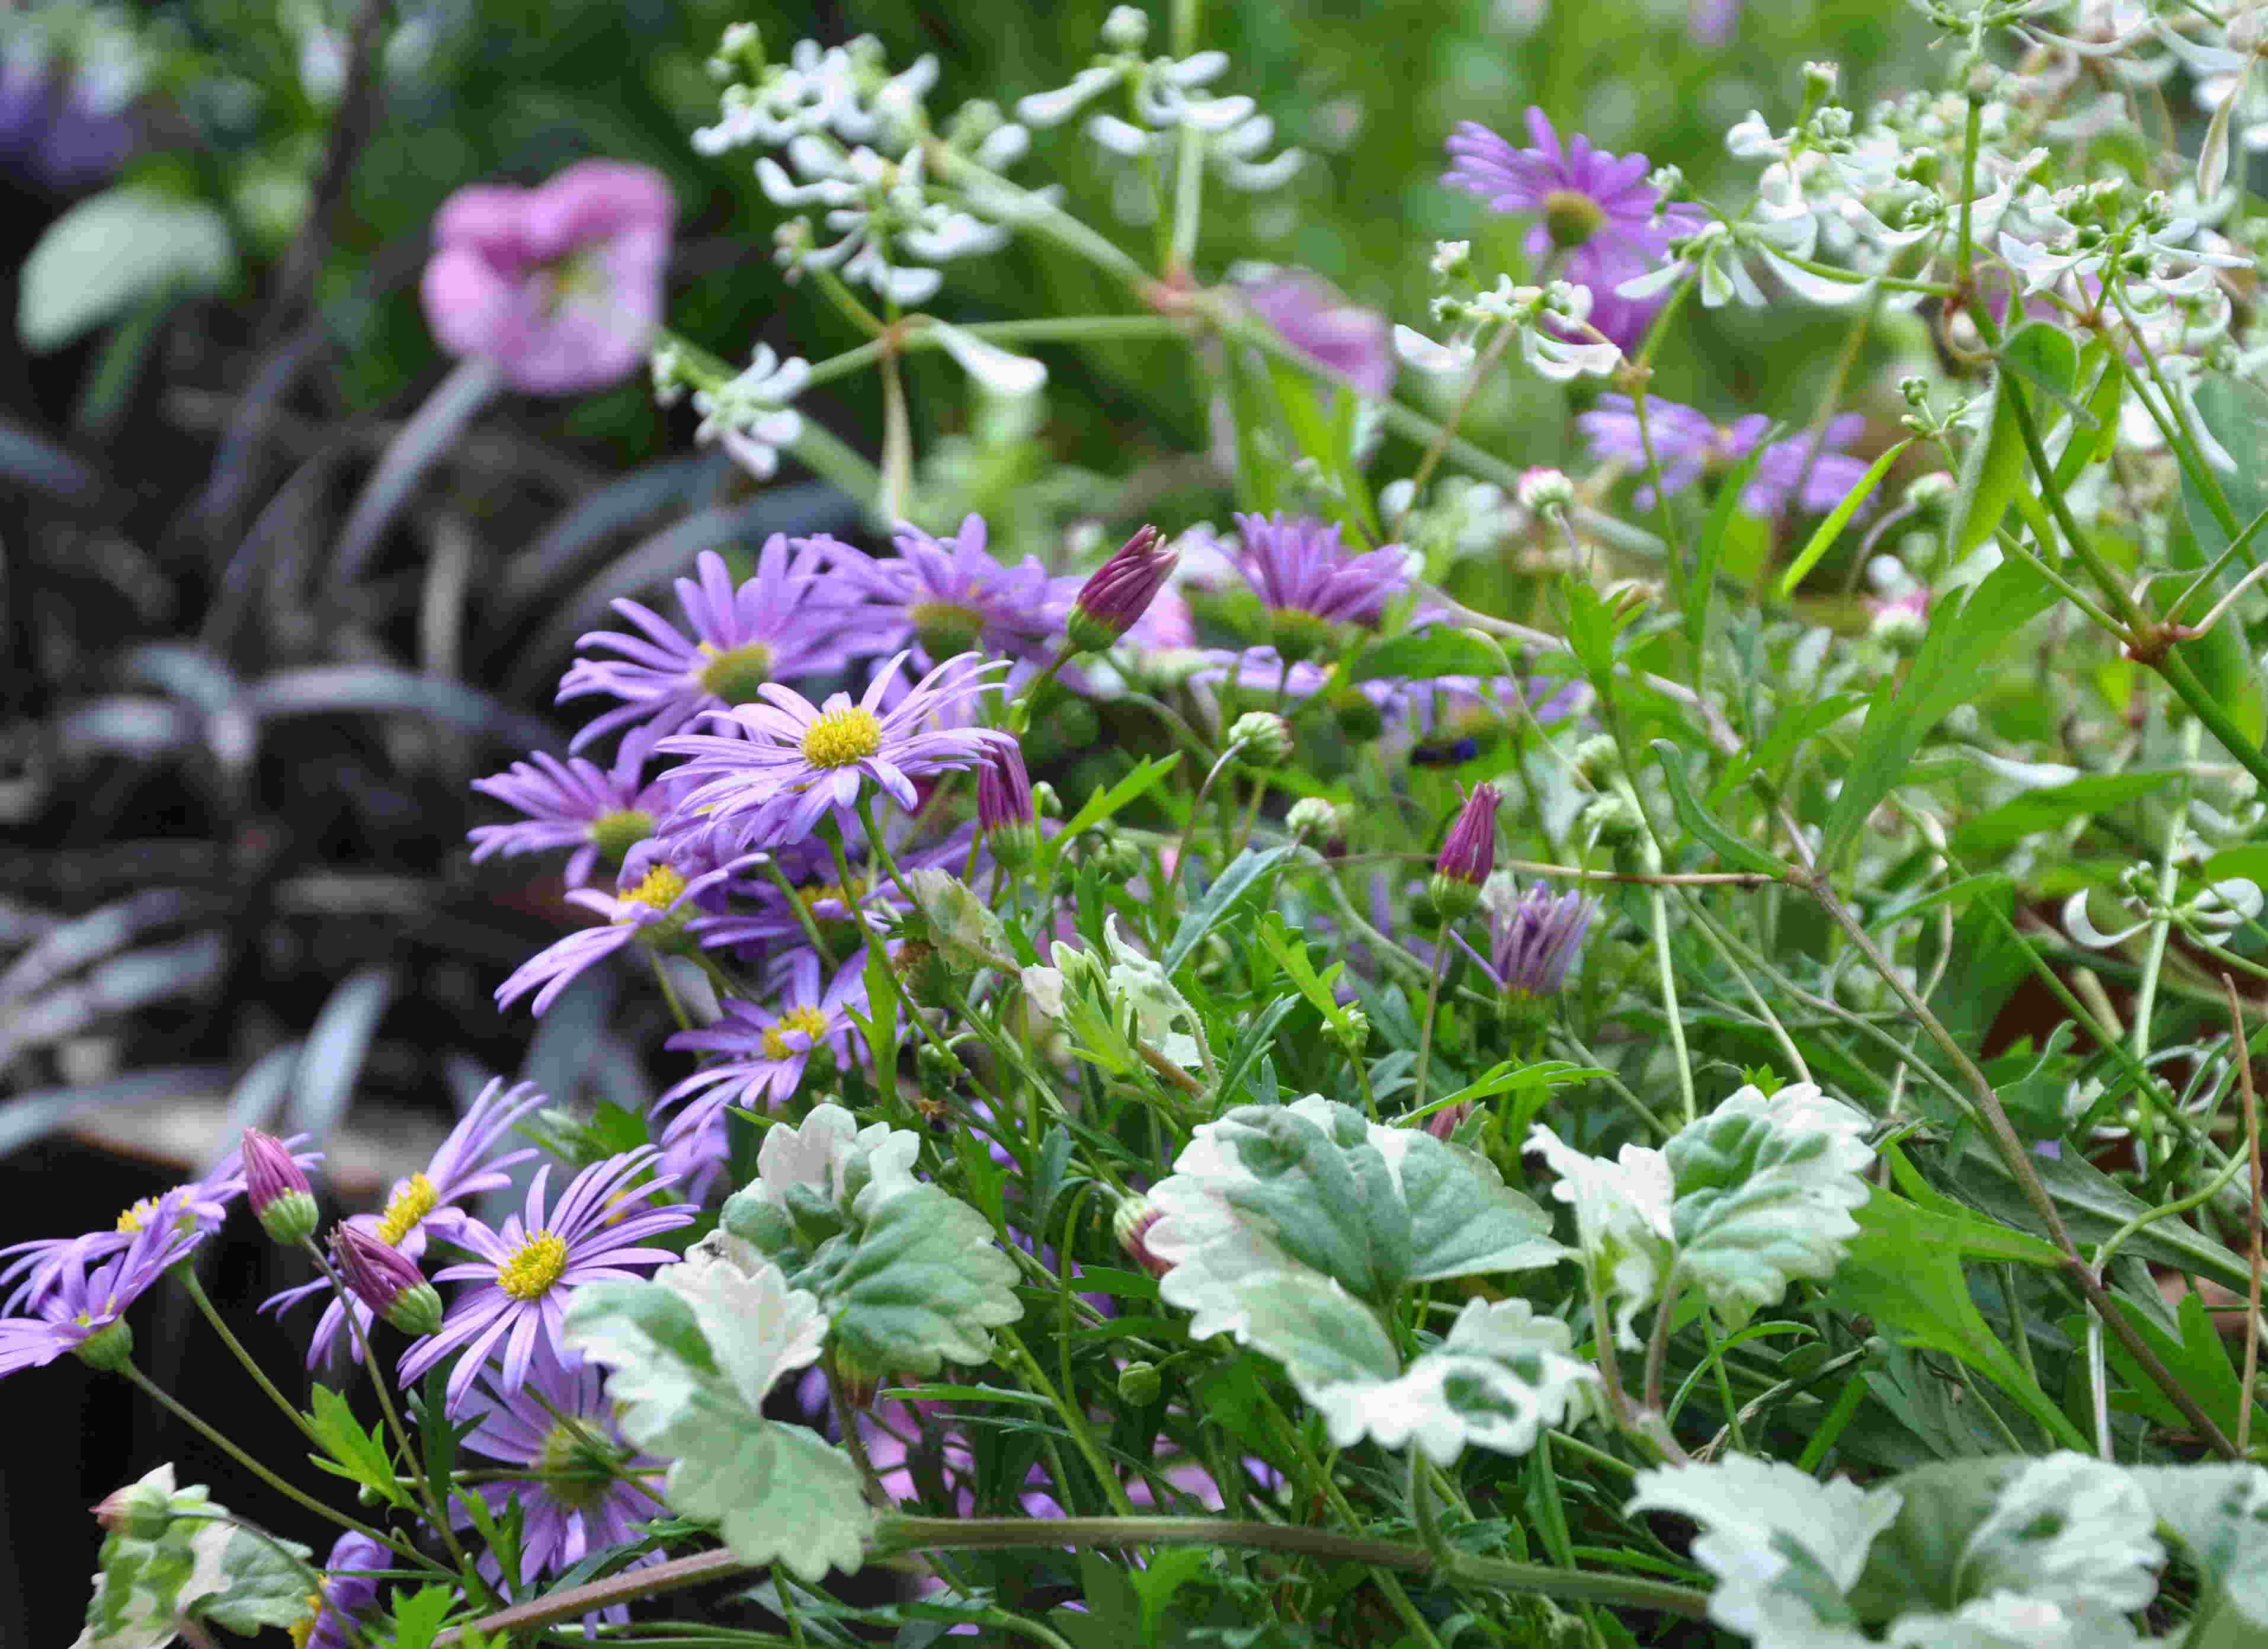 Sommarblommor i kruka ger snabb grönska och långvarig blomning.